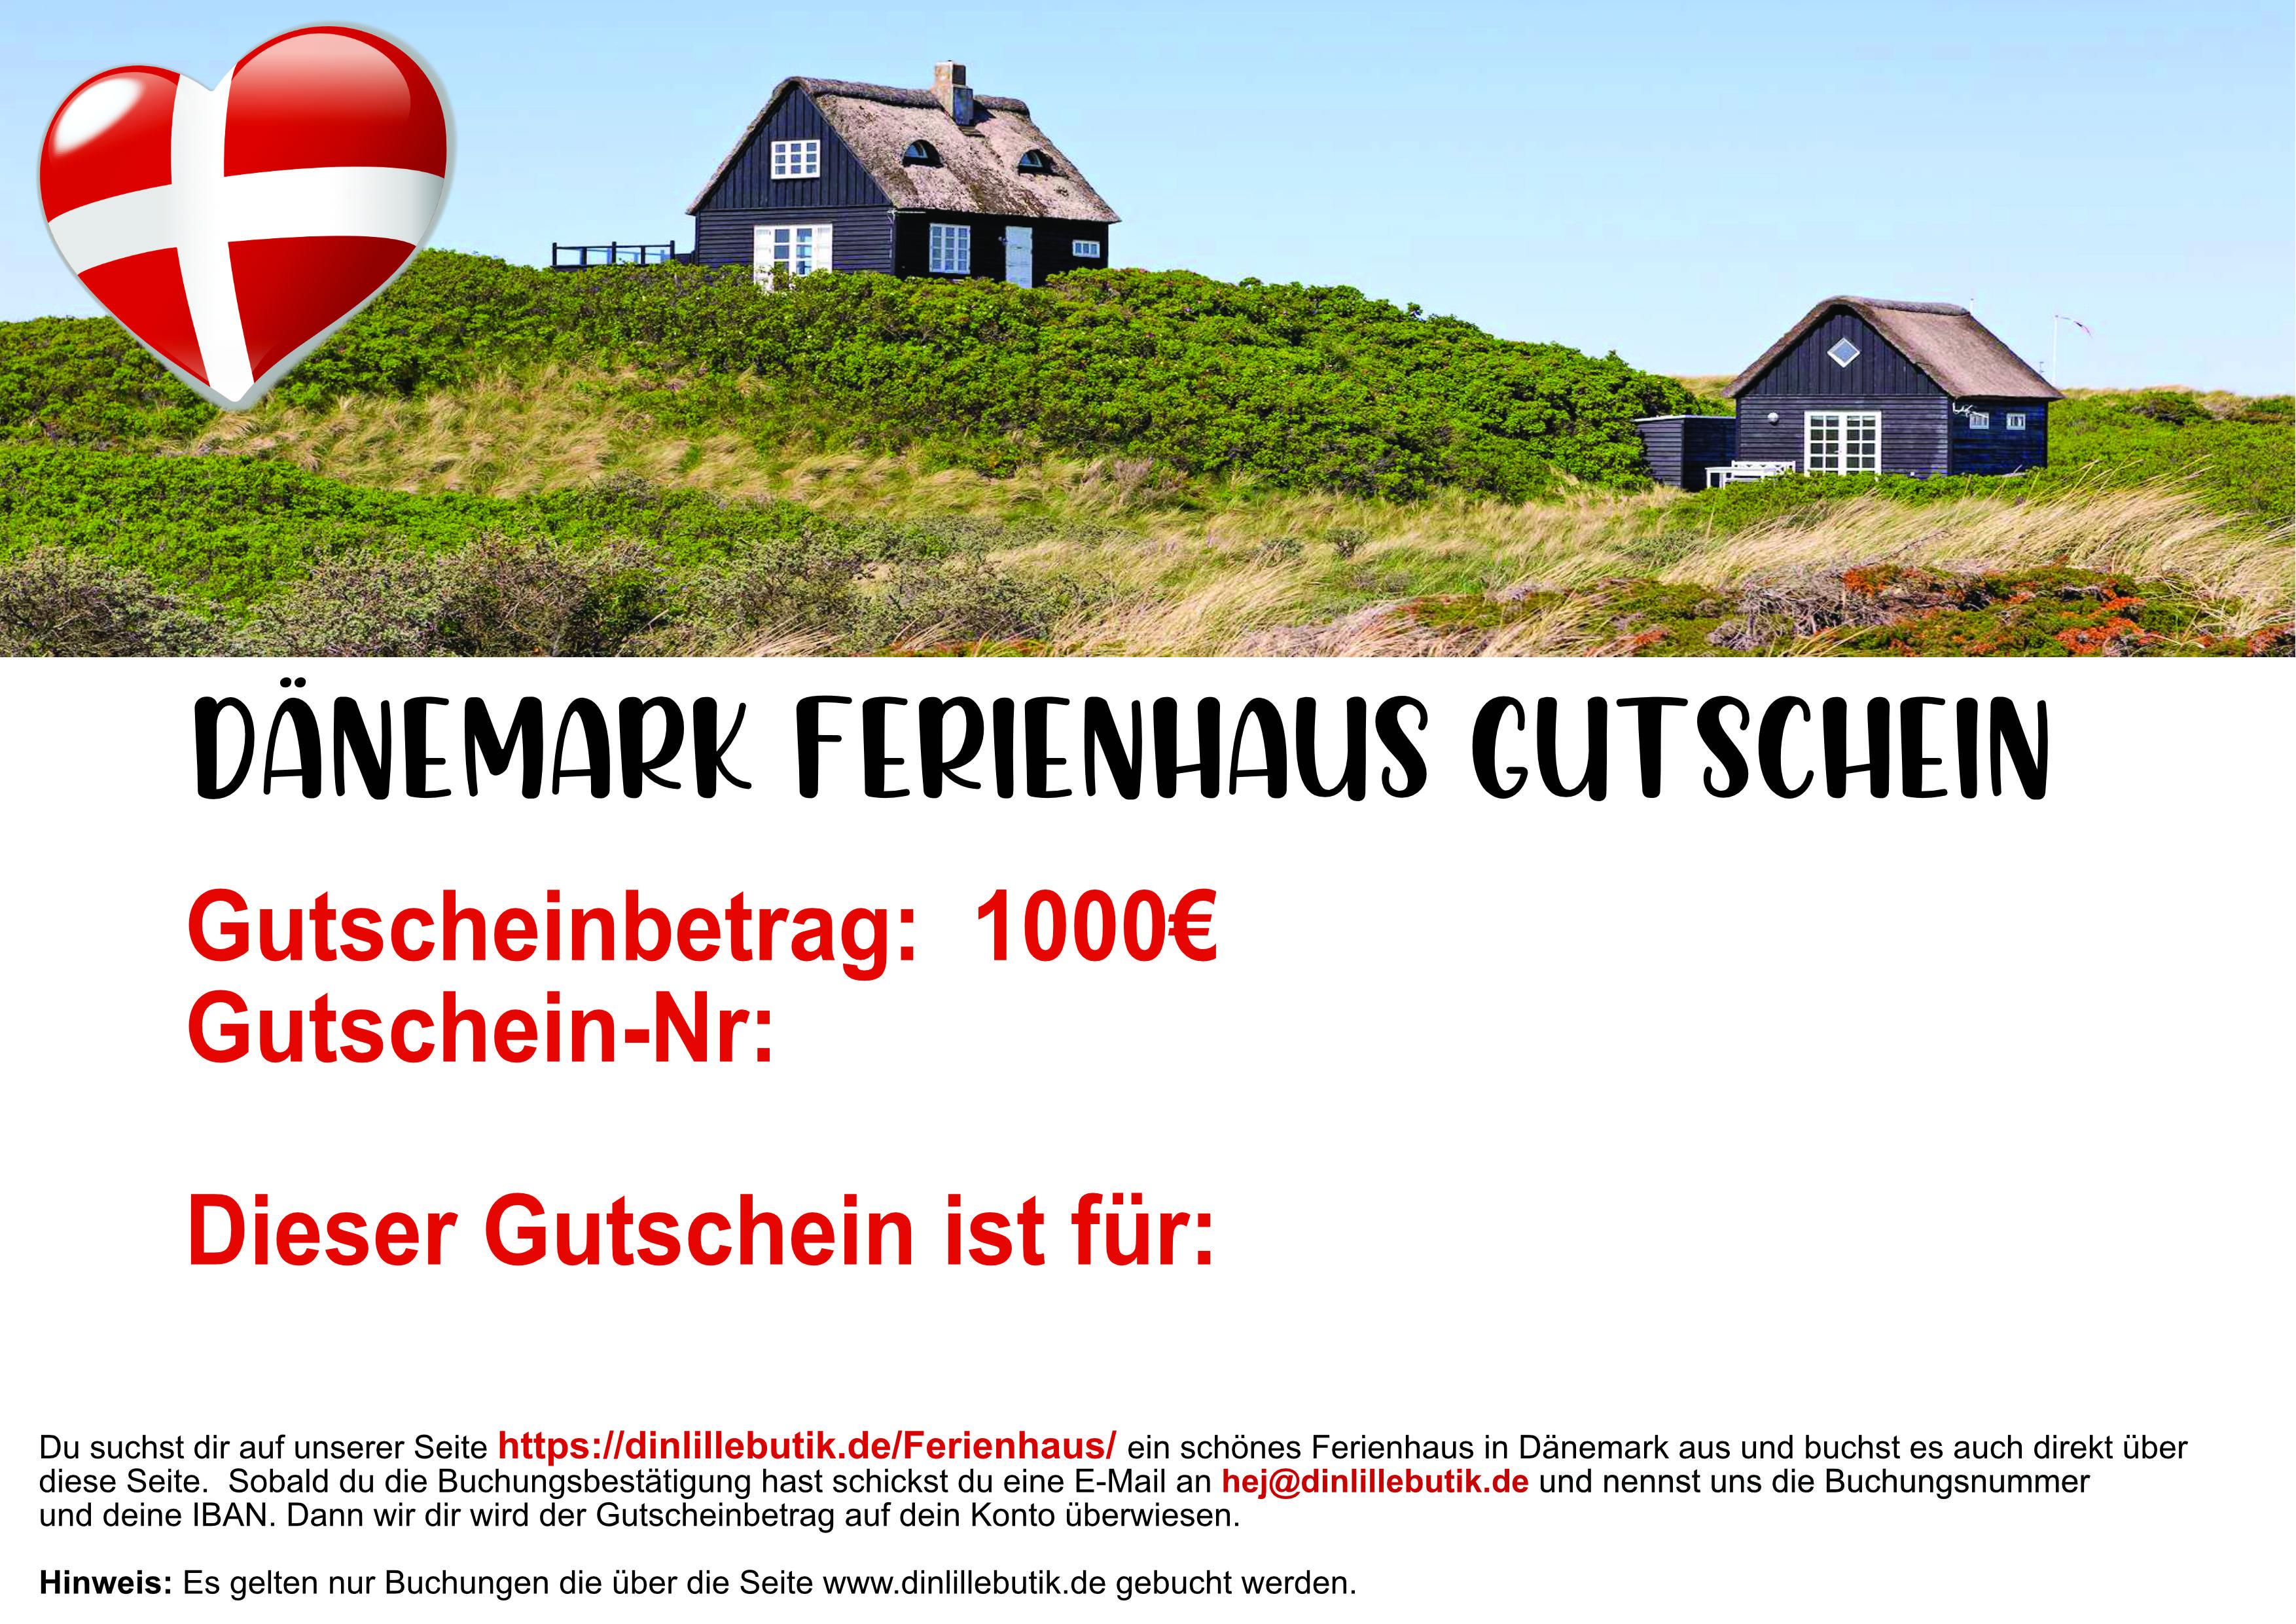 Dänemark Ferienhausgutschein 1000 Euro